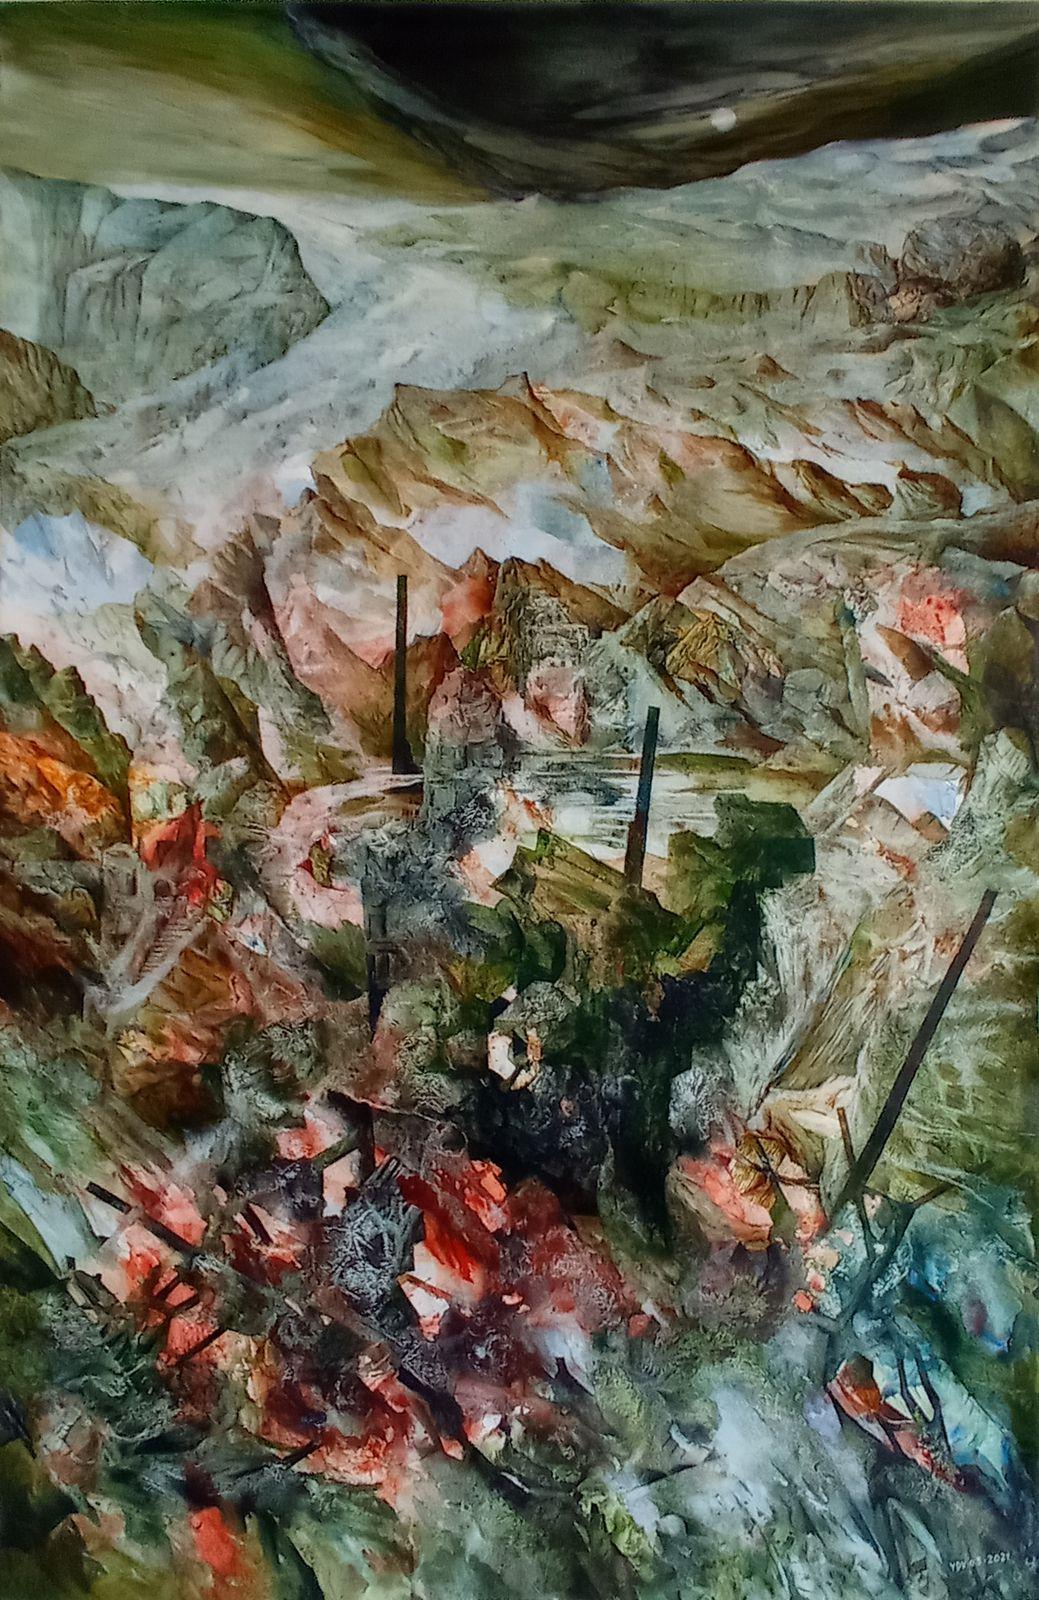 Ile de Pré Britenne - Vue n°2149 - 2021 - Acrylique sur toile (kakemono) 80 x 120 cm